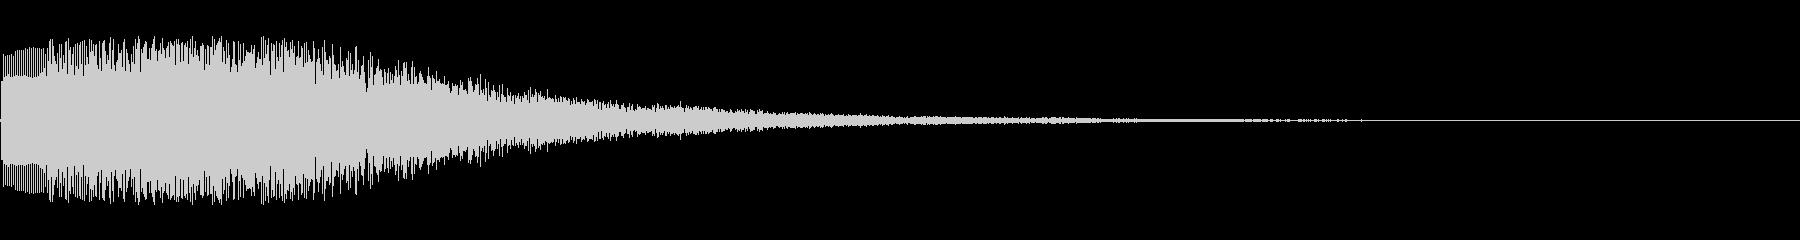 テレレレレ ゲームスタートレベルアップ1の未再生の波形